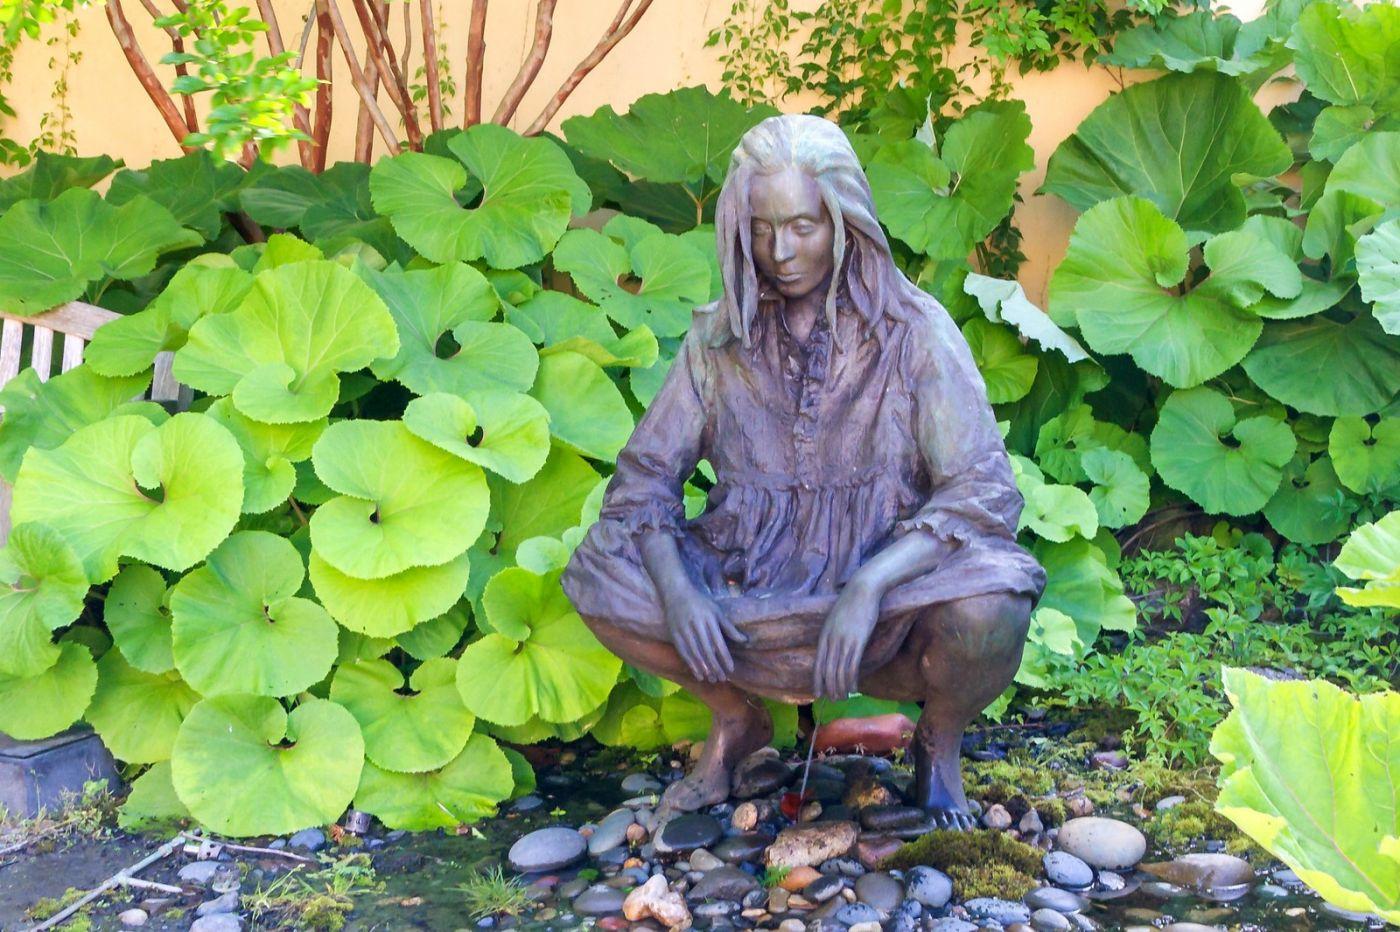 新泽西州雕塑公园(Grounds for scuplture),题材很广_图1-22